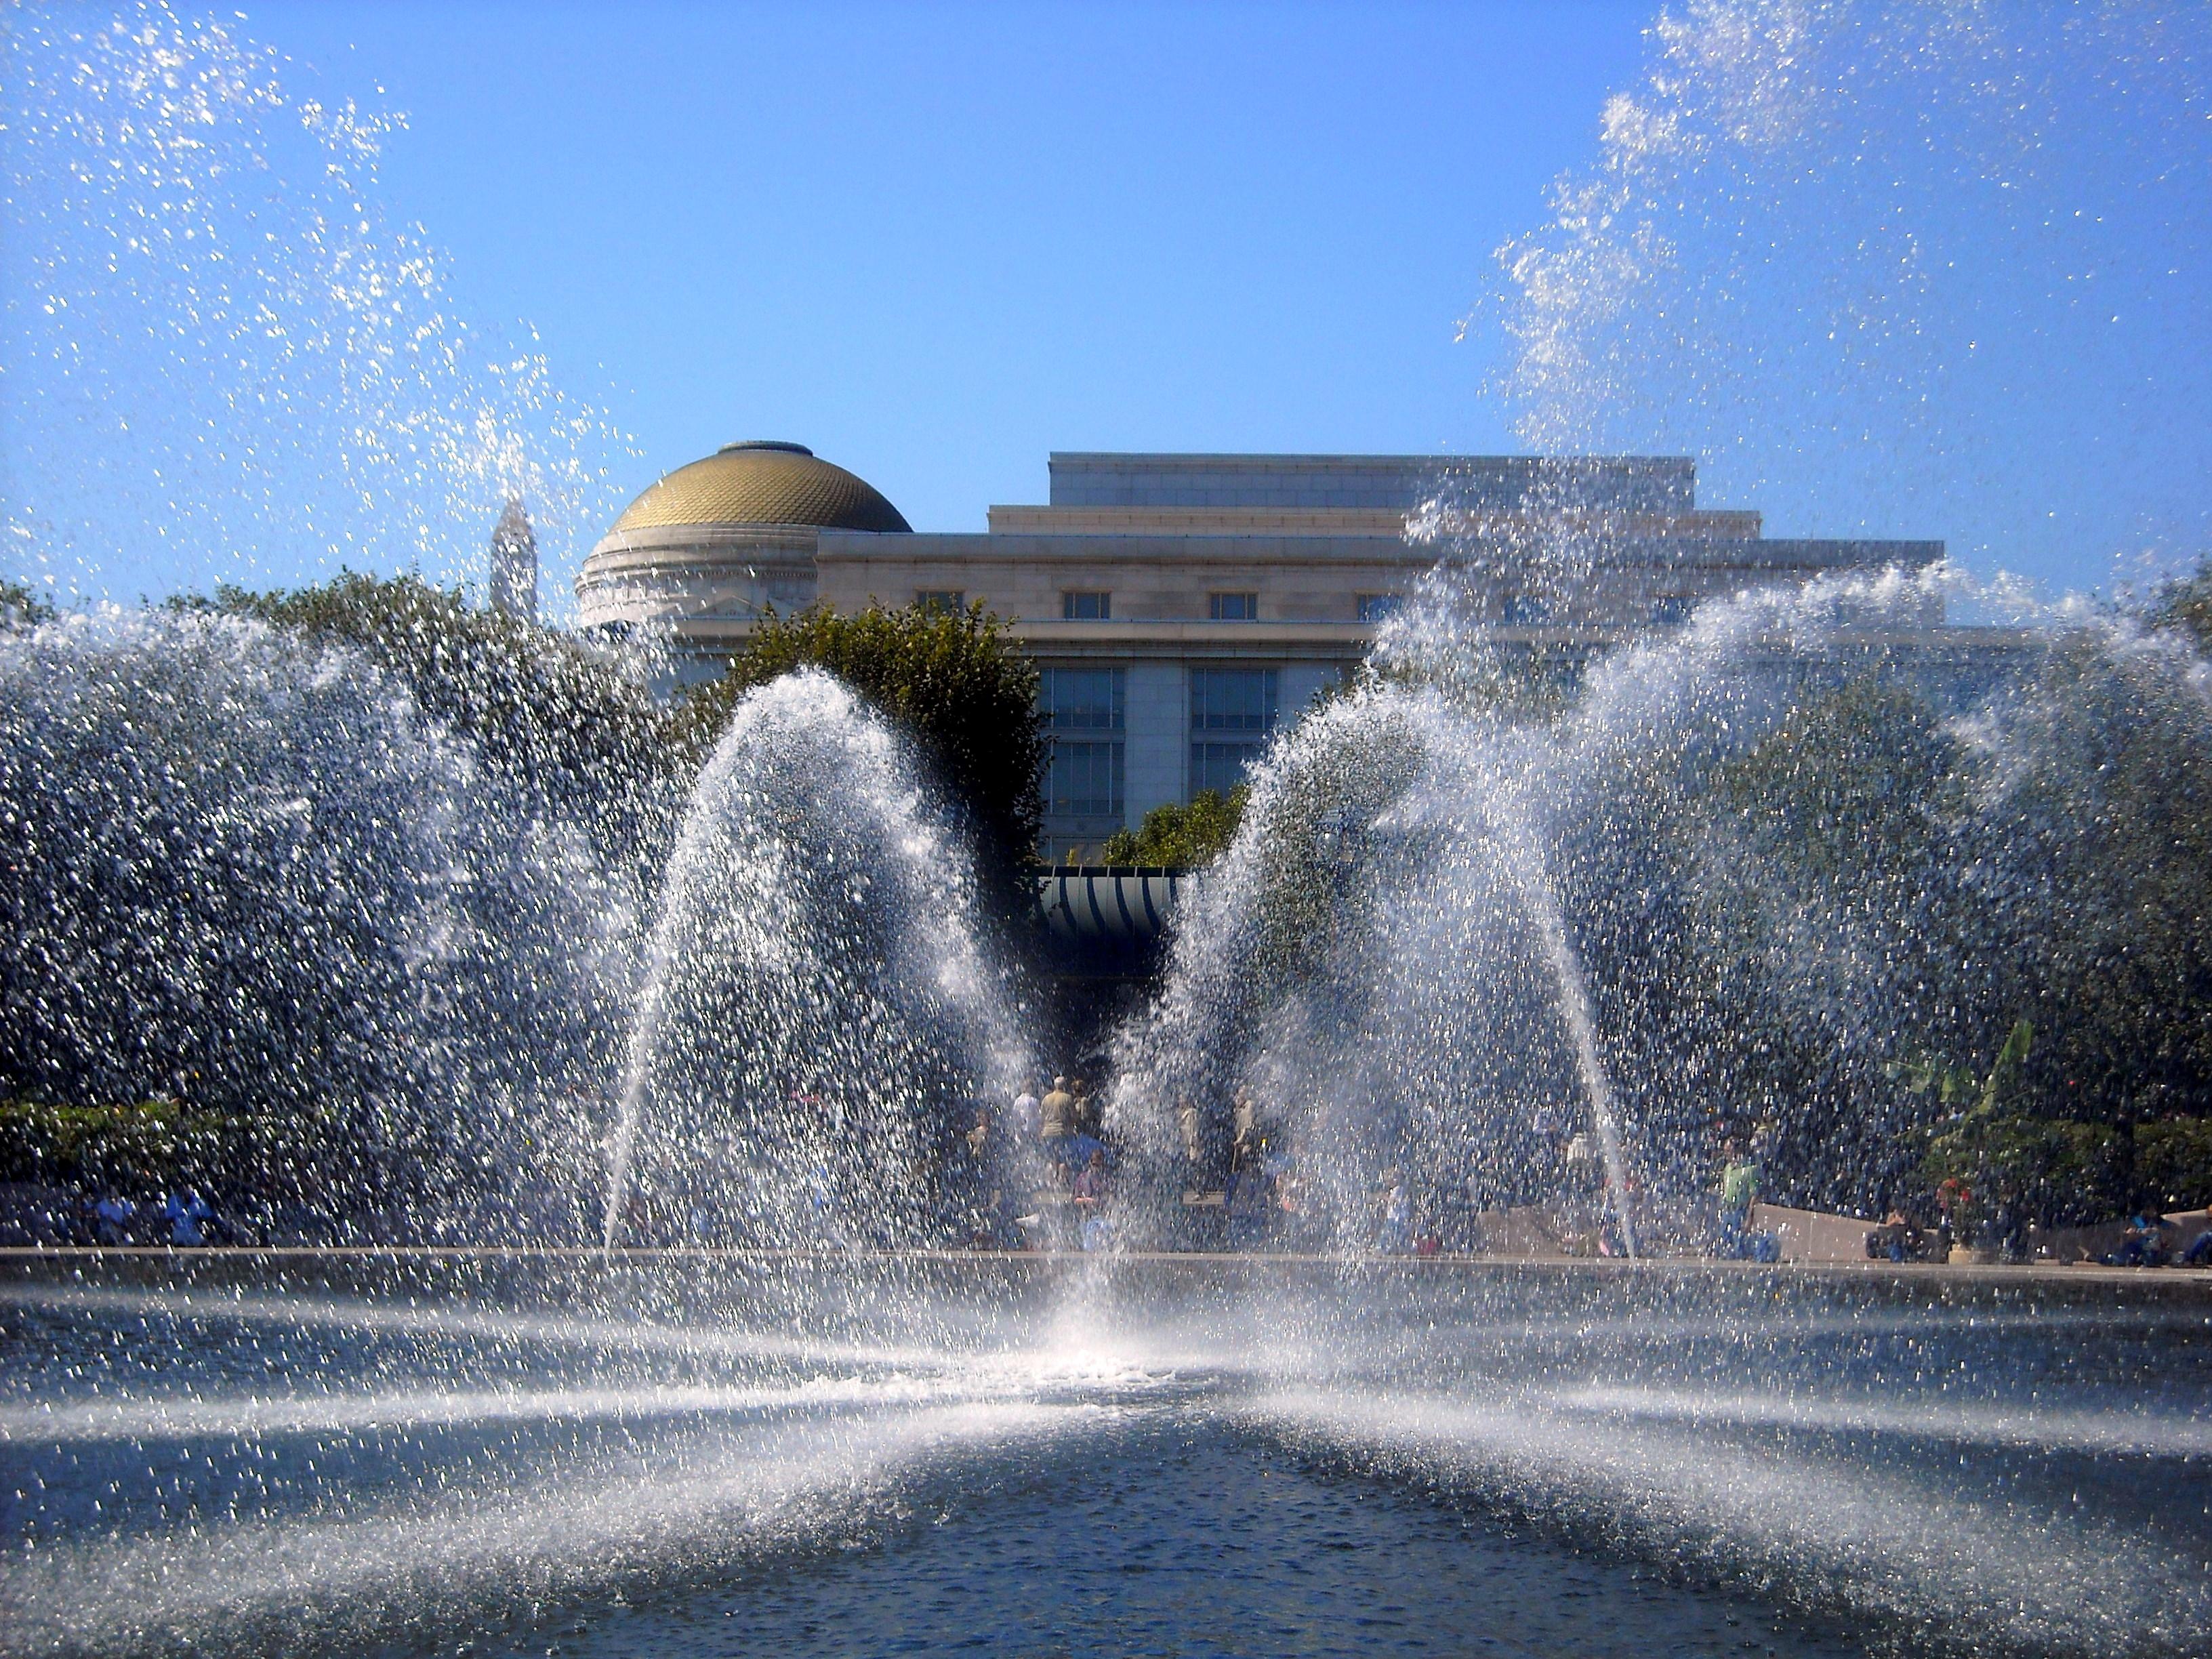 National Gallery of Art Sculpture Garden Fountain